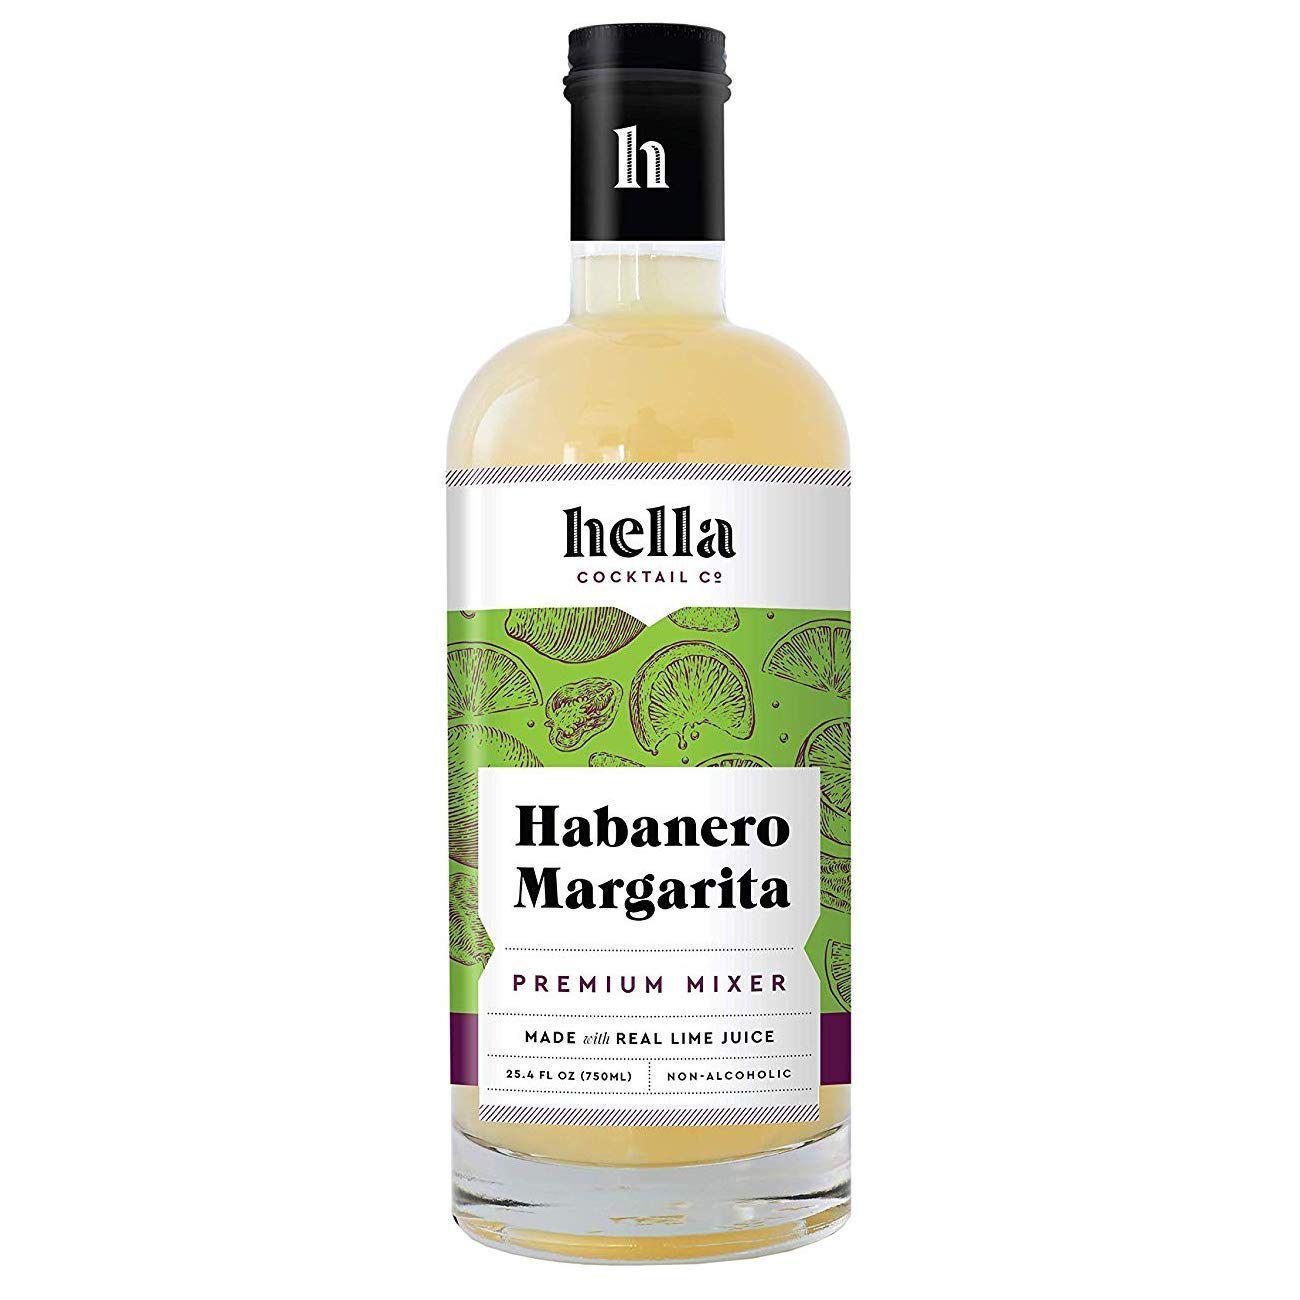 Hella Cocktail Co. Habanero Margarita Mixer